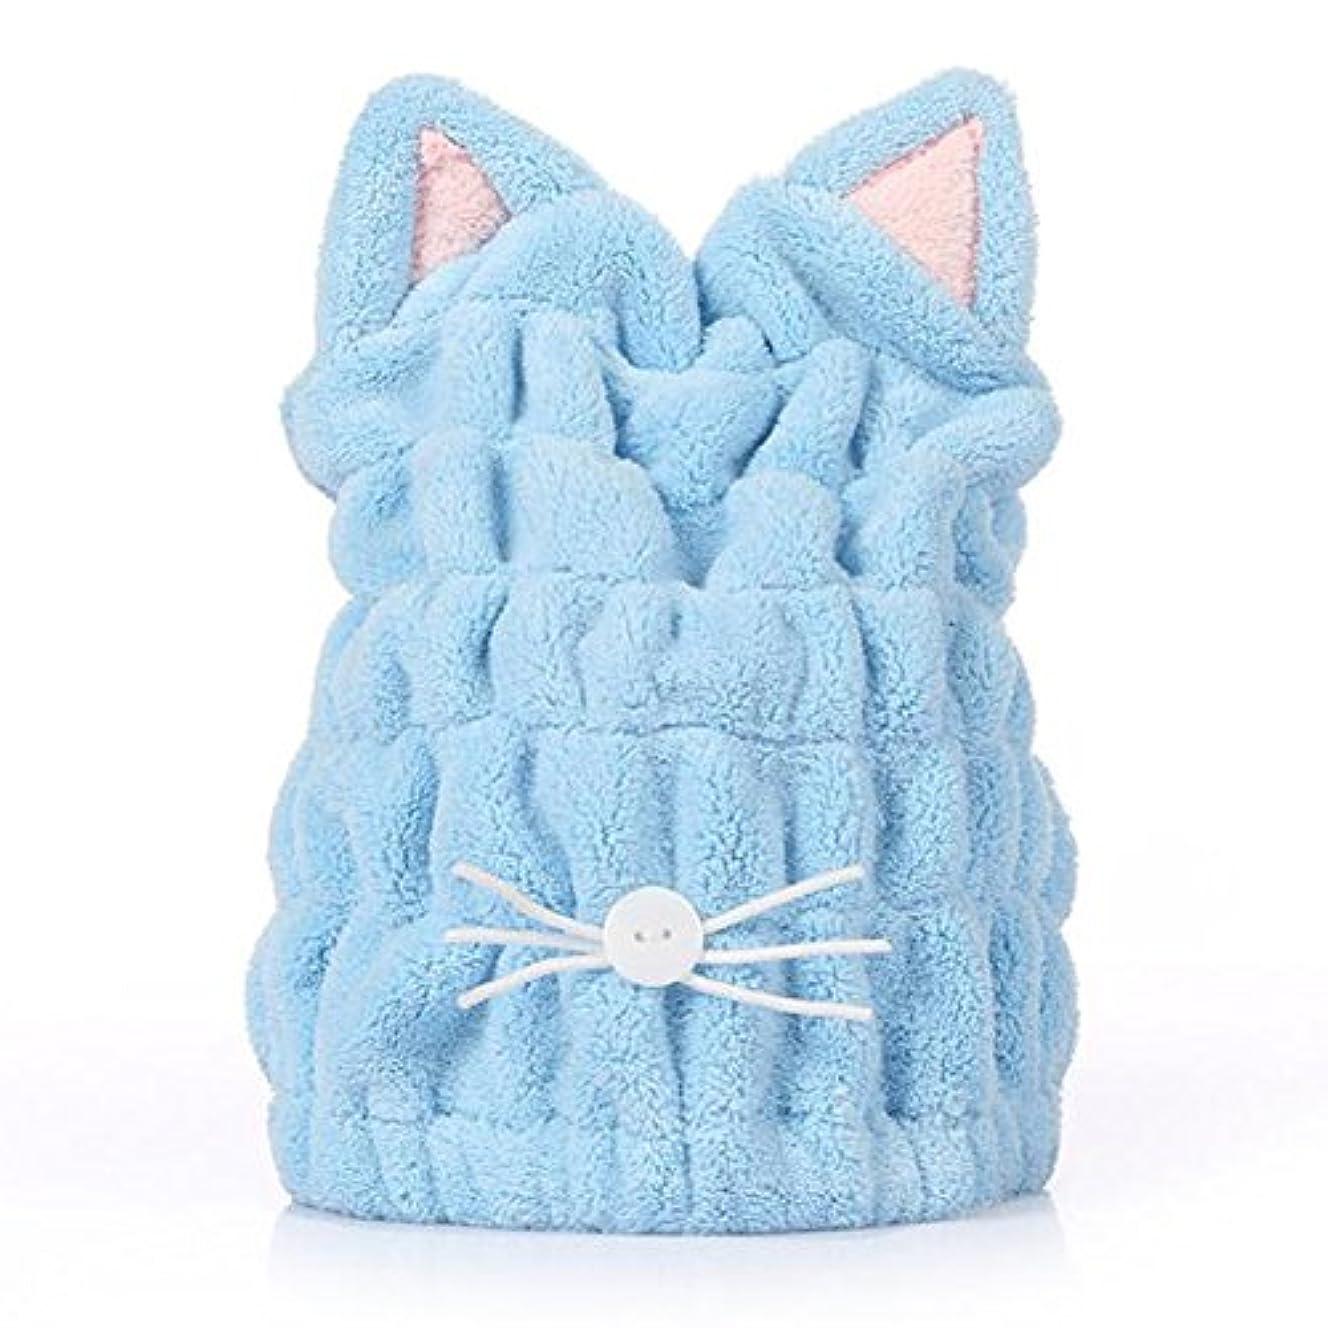 ガイドライン前任者目的タオルキャップ 猫耳 ヘアドライキャップ 吸水 乾燥用 お風呂用 マイクロファイバー 可愛い (ブルー)